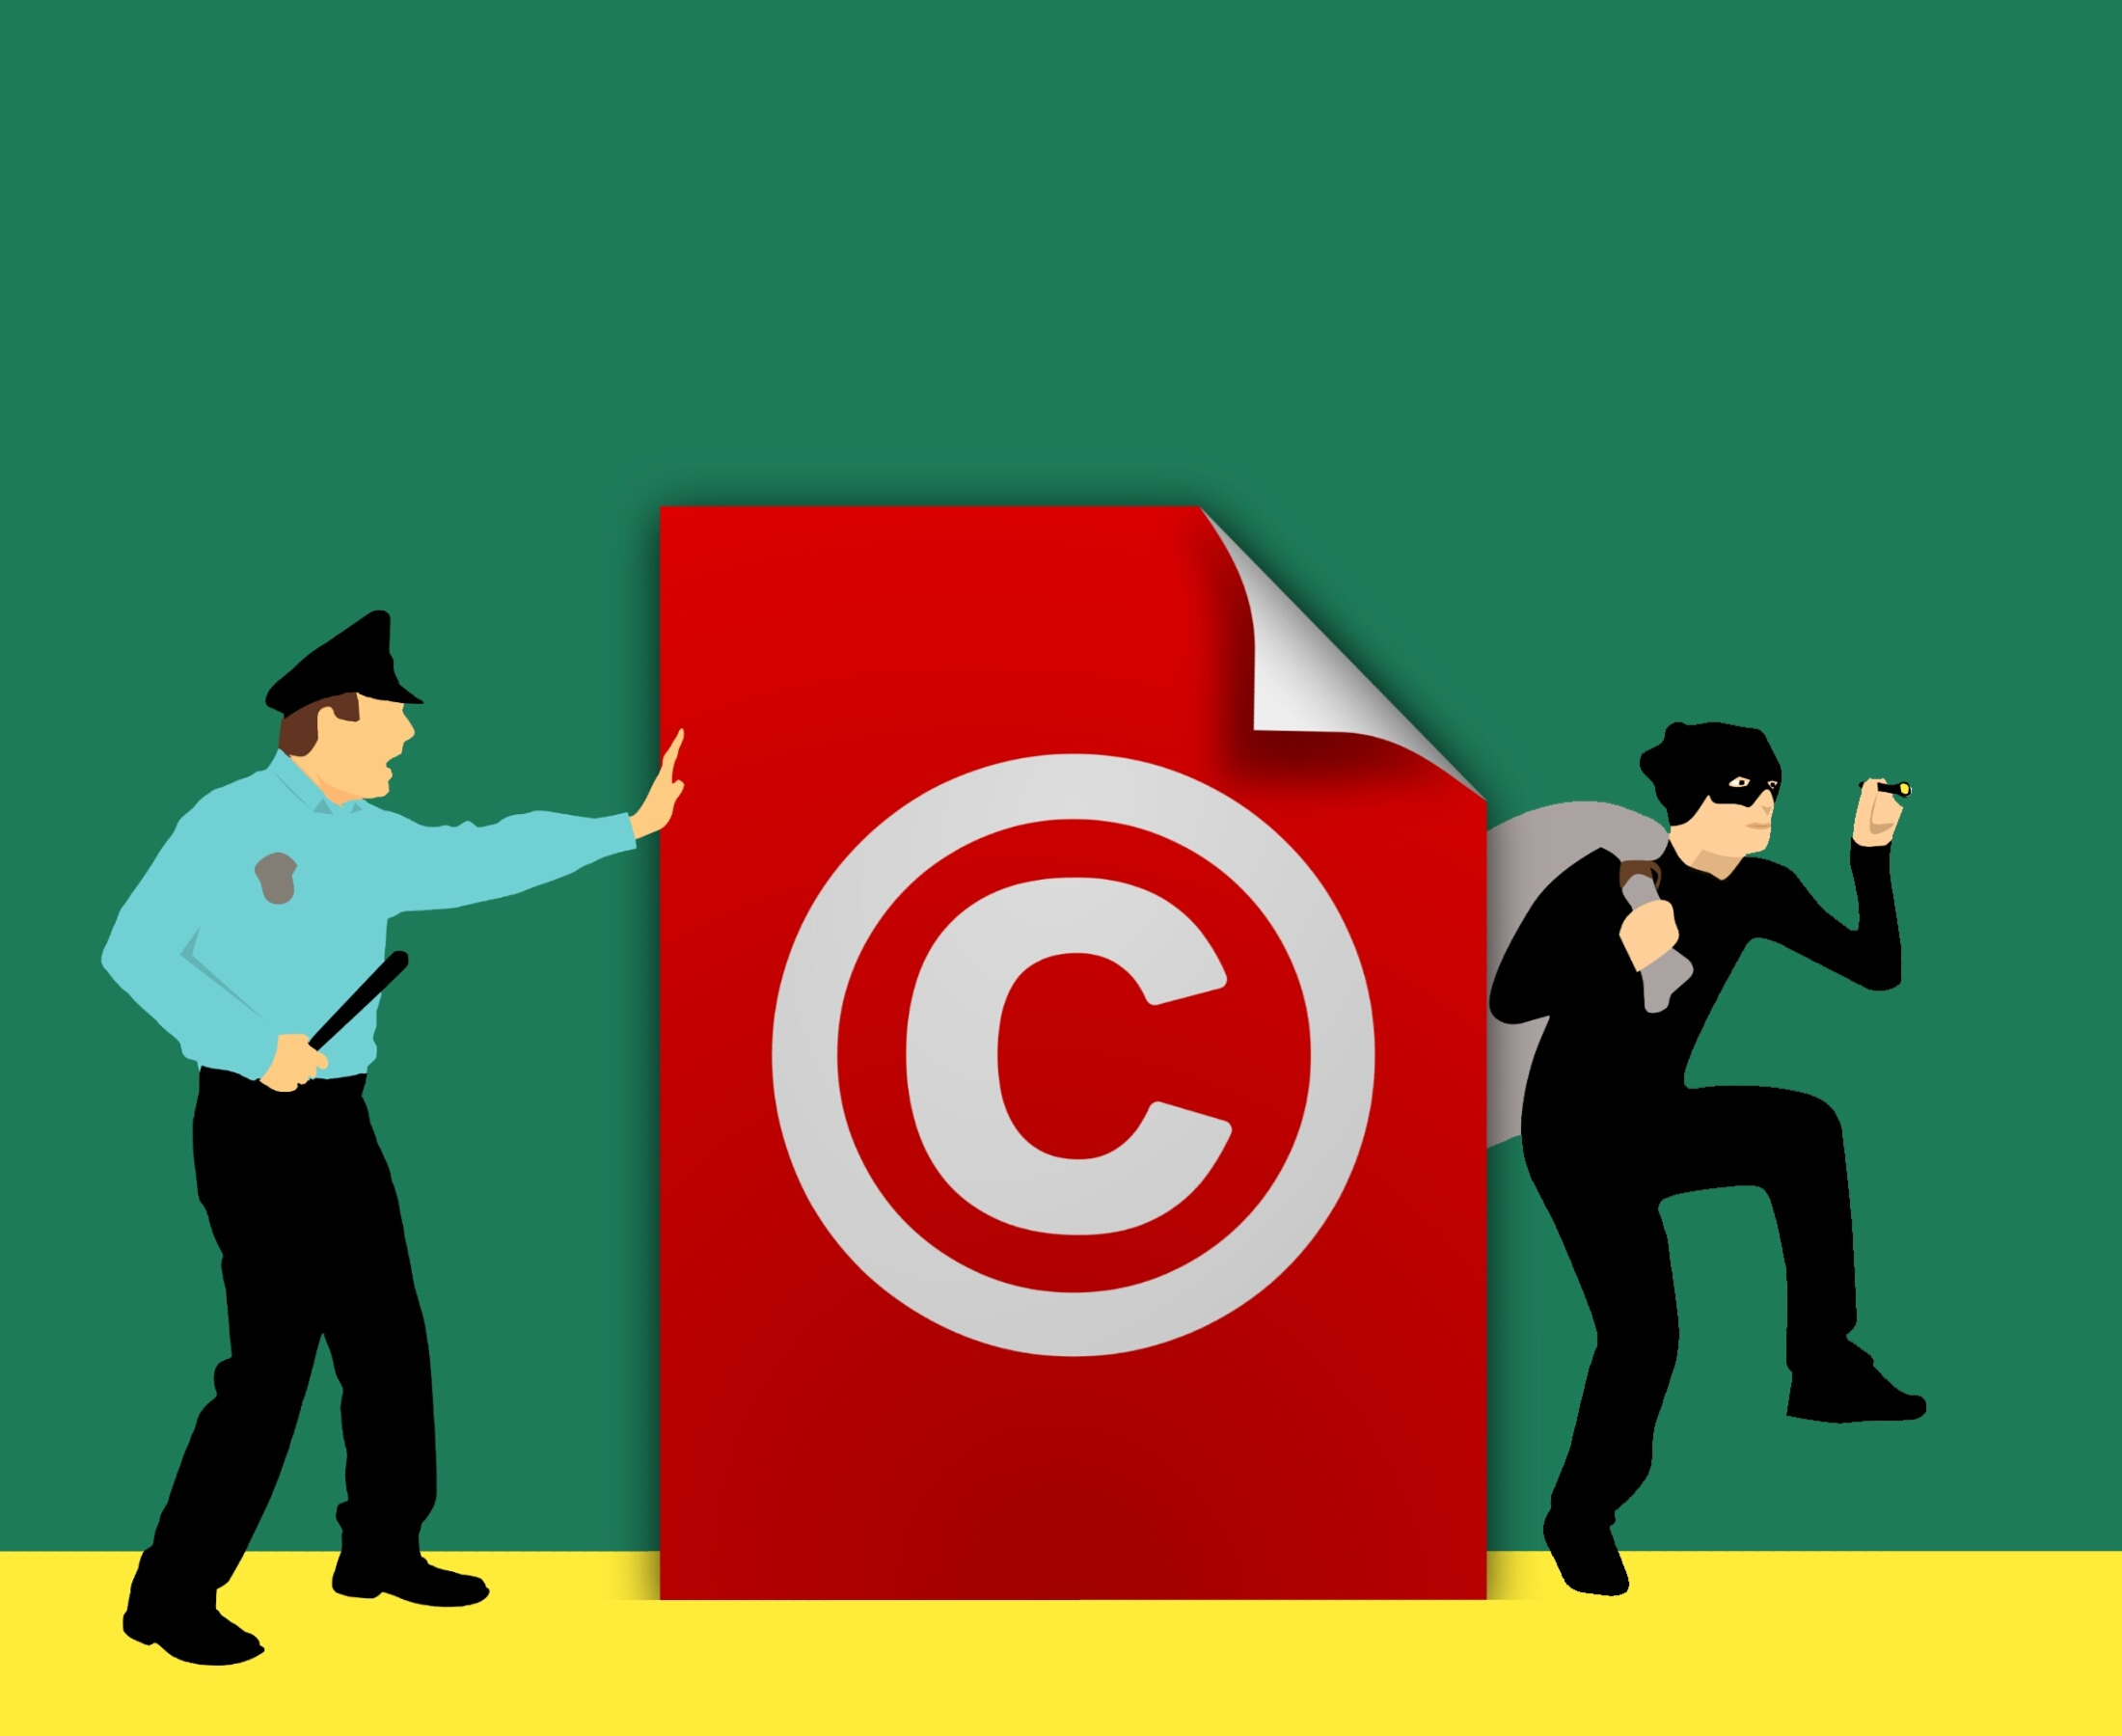 Λογοκλοπή κειμένου - Plagiarism